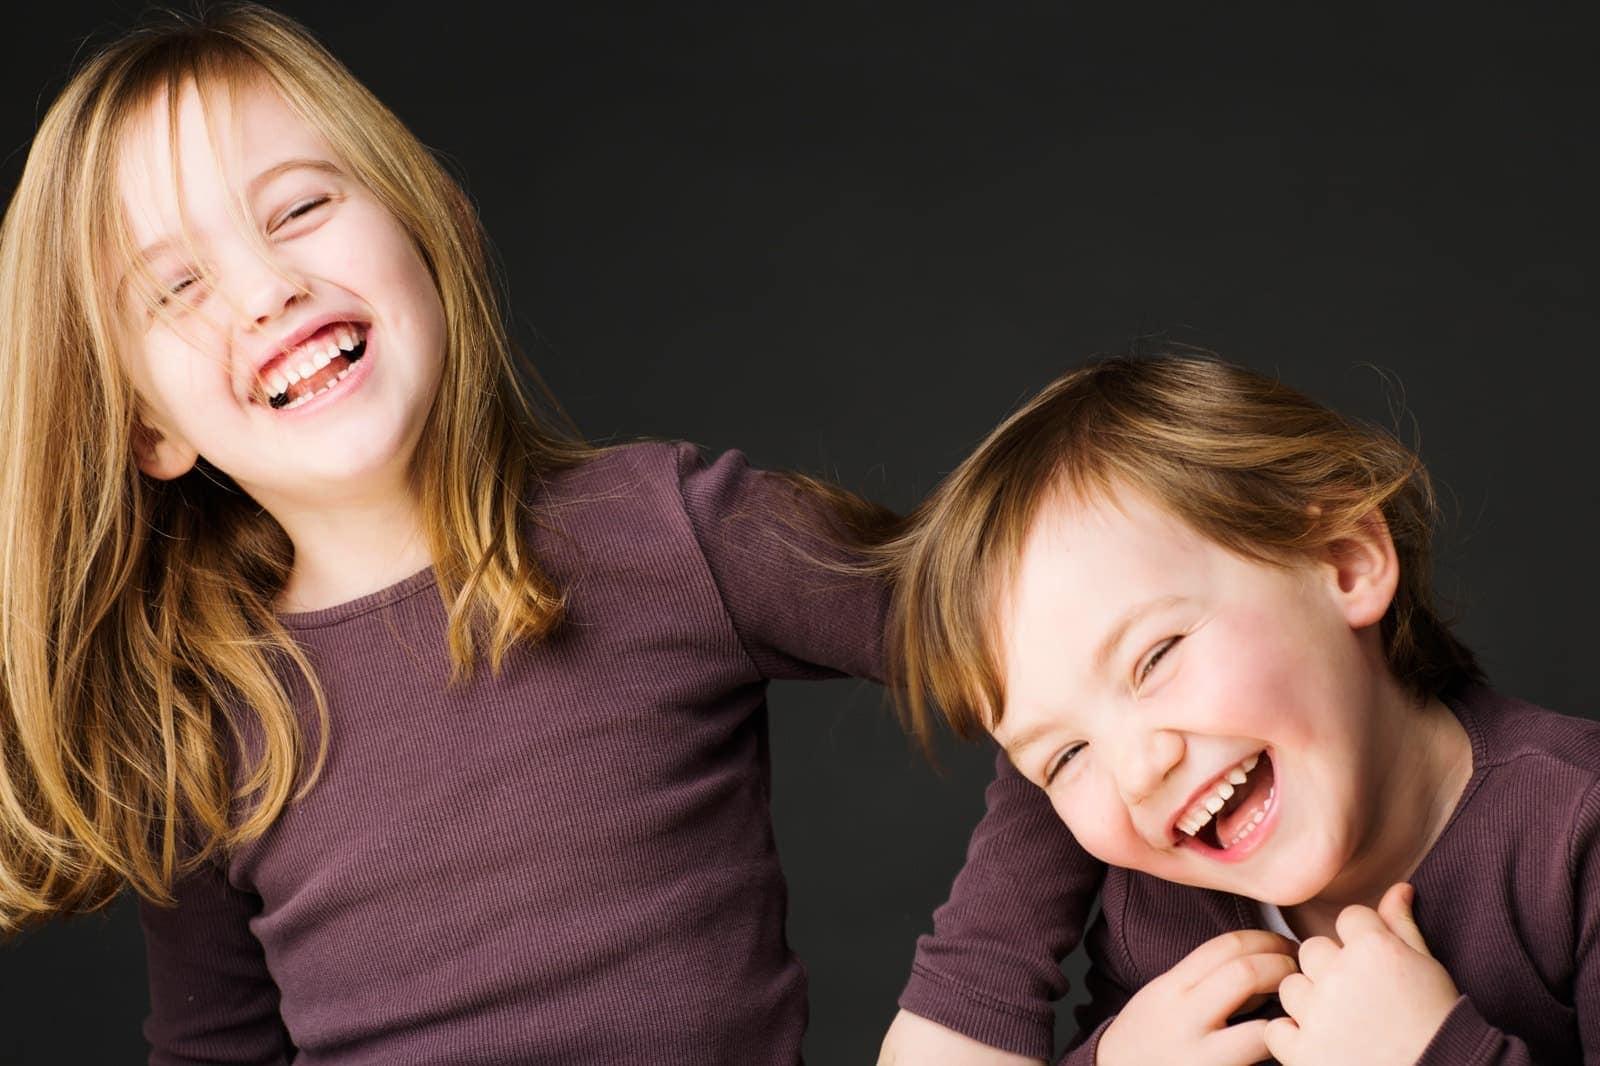 Søskende der griner - del 2